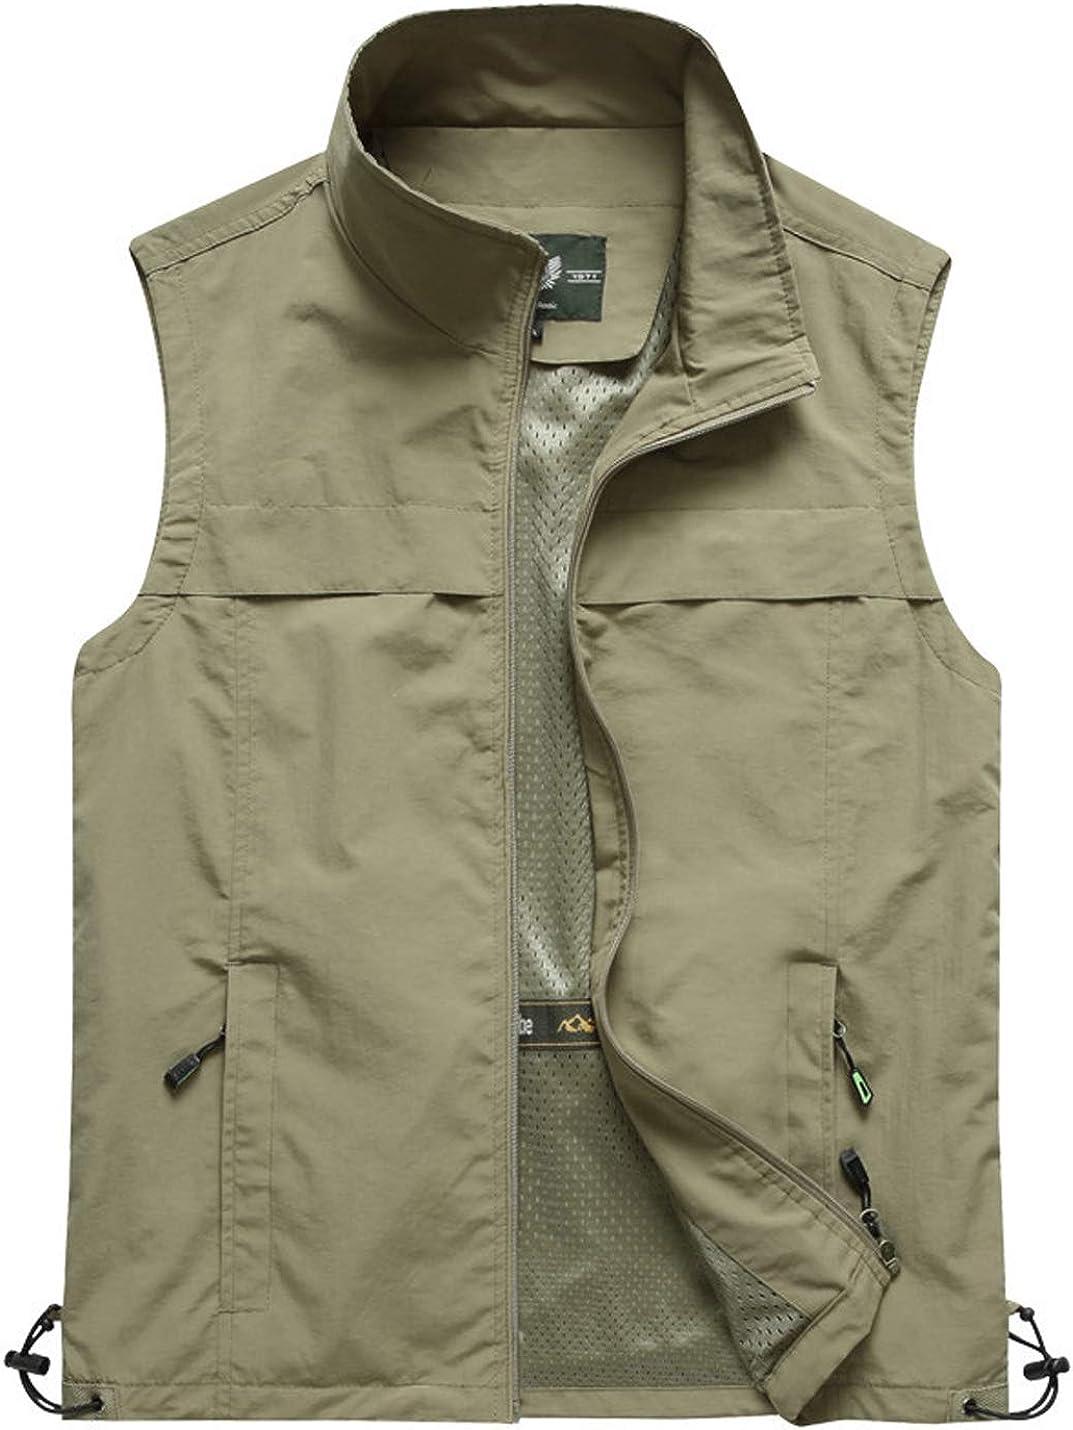 Gihuo Men's Casual Work Zip Vest Quick Dry Fishing Safari Travel Vest